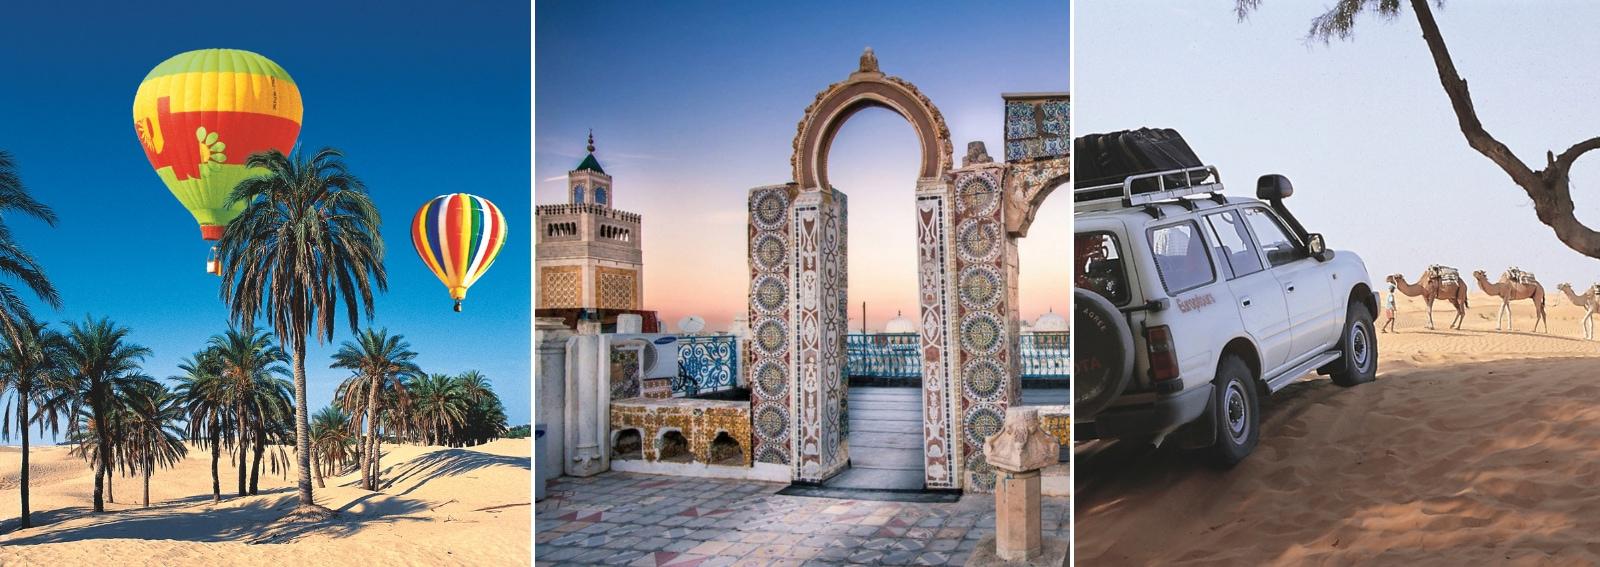 tunizia vacanza viaggio avventura scoperta DESK